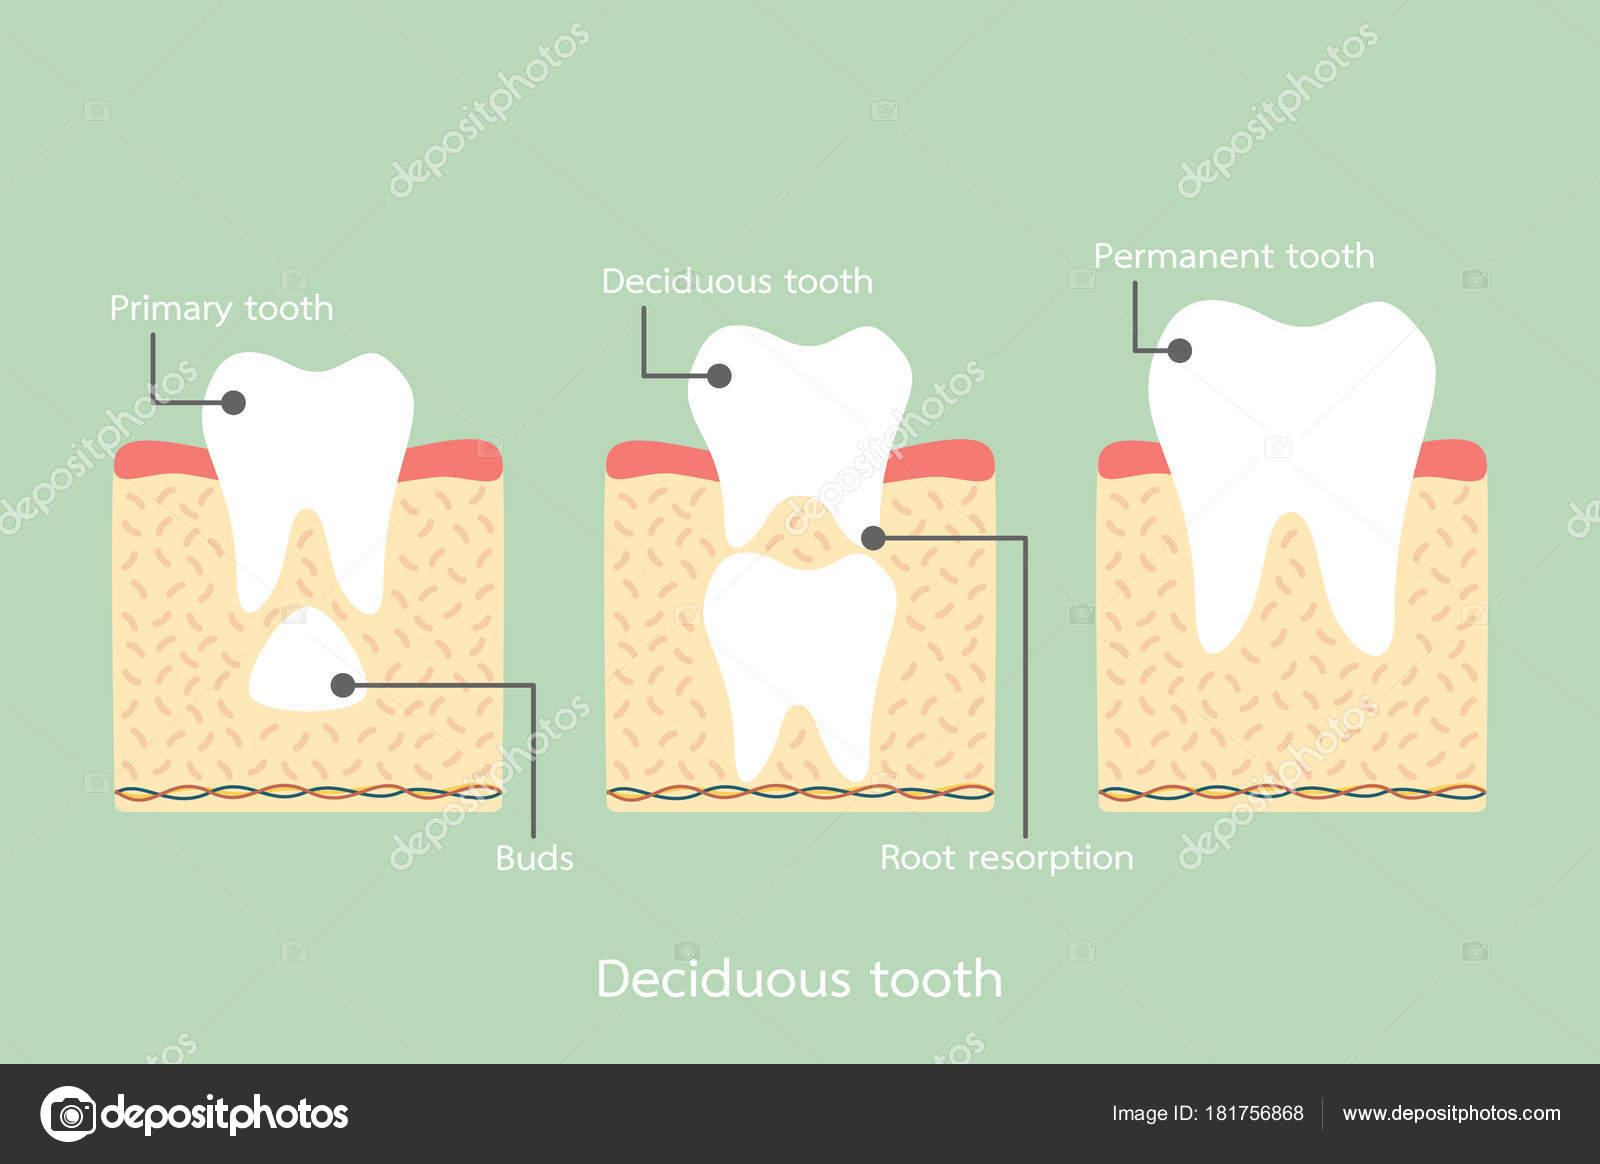 diente permanente situado por debajo del diente primario, incluyendo ...